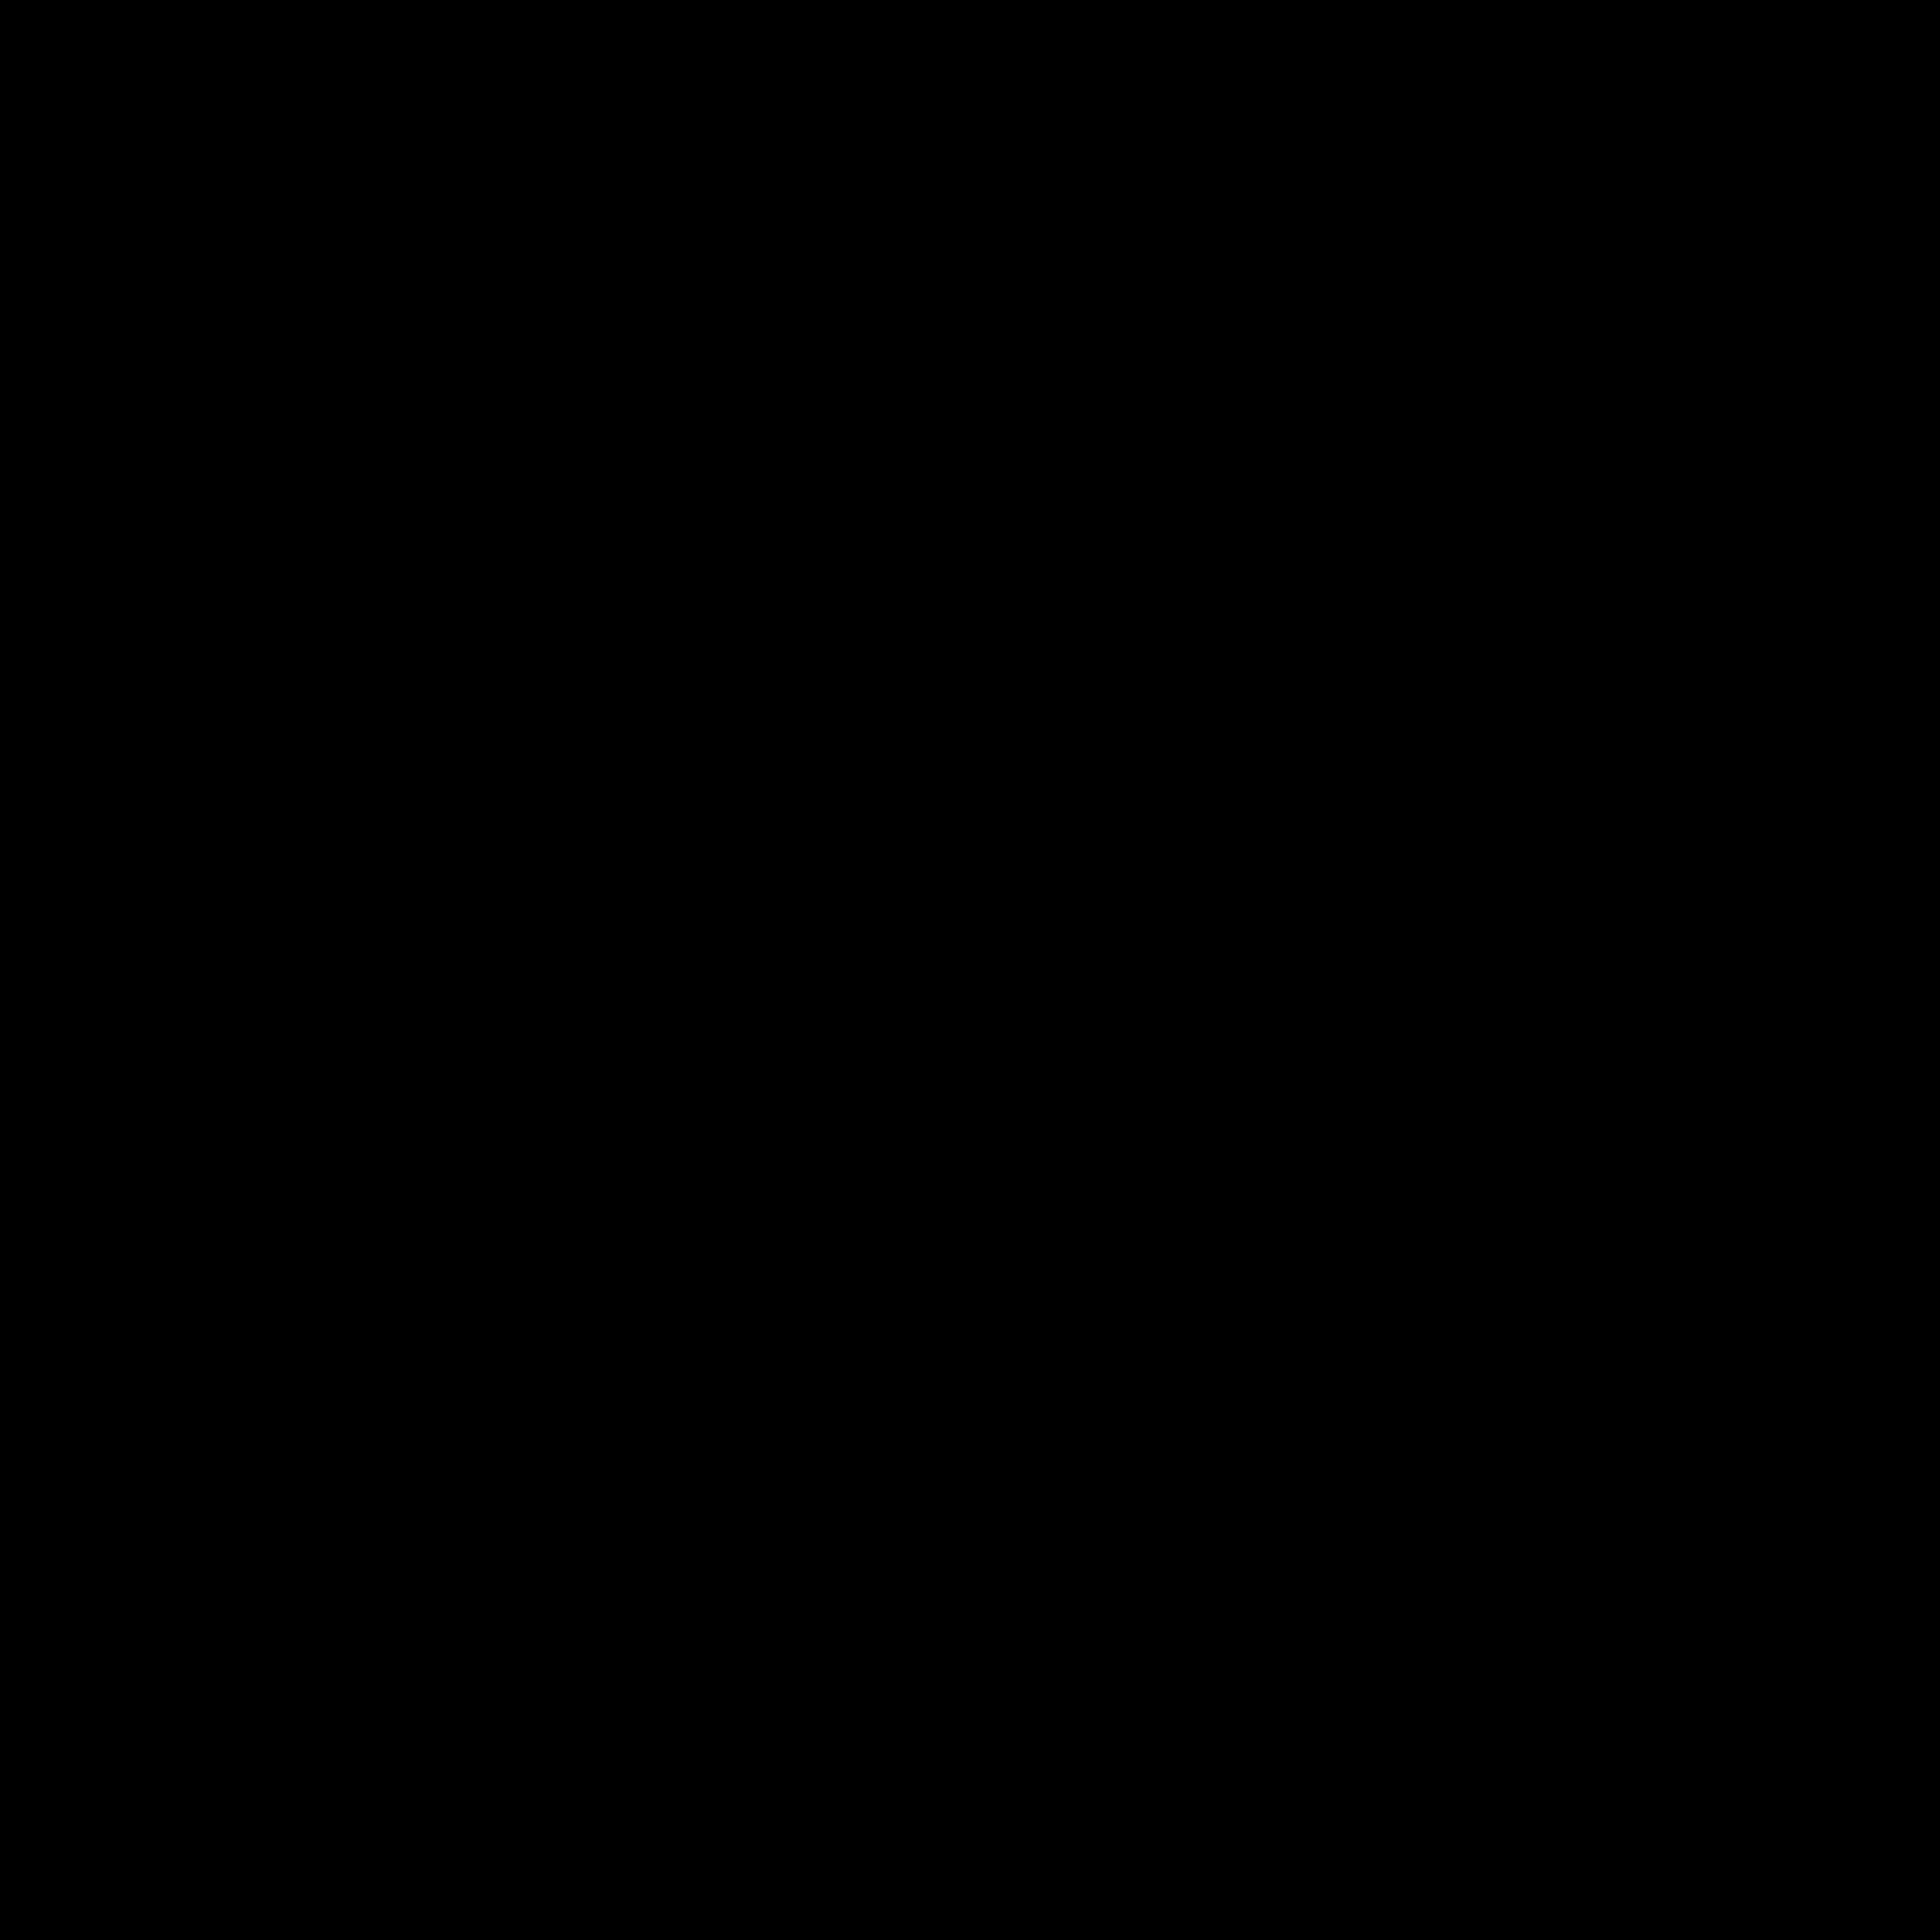 Du pont black logo-1